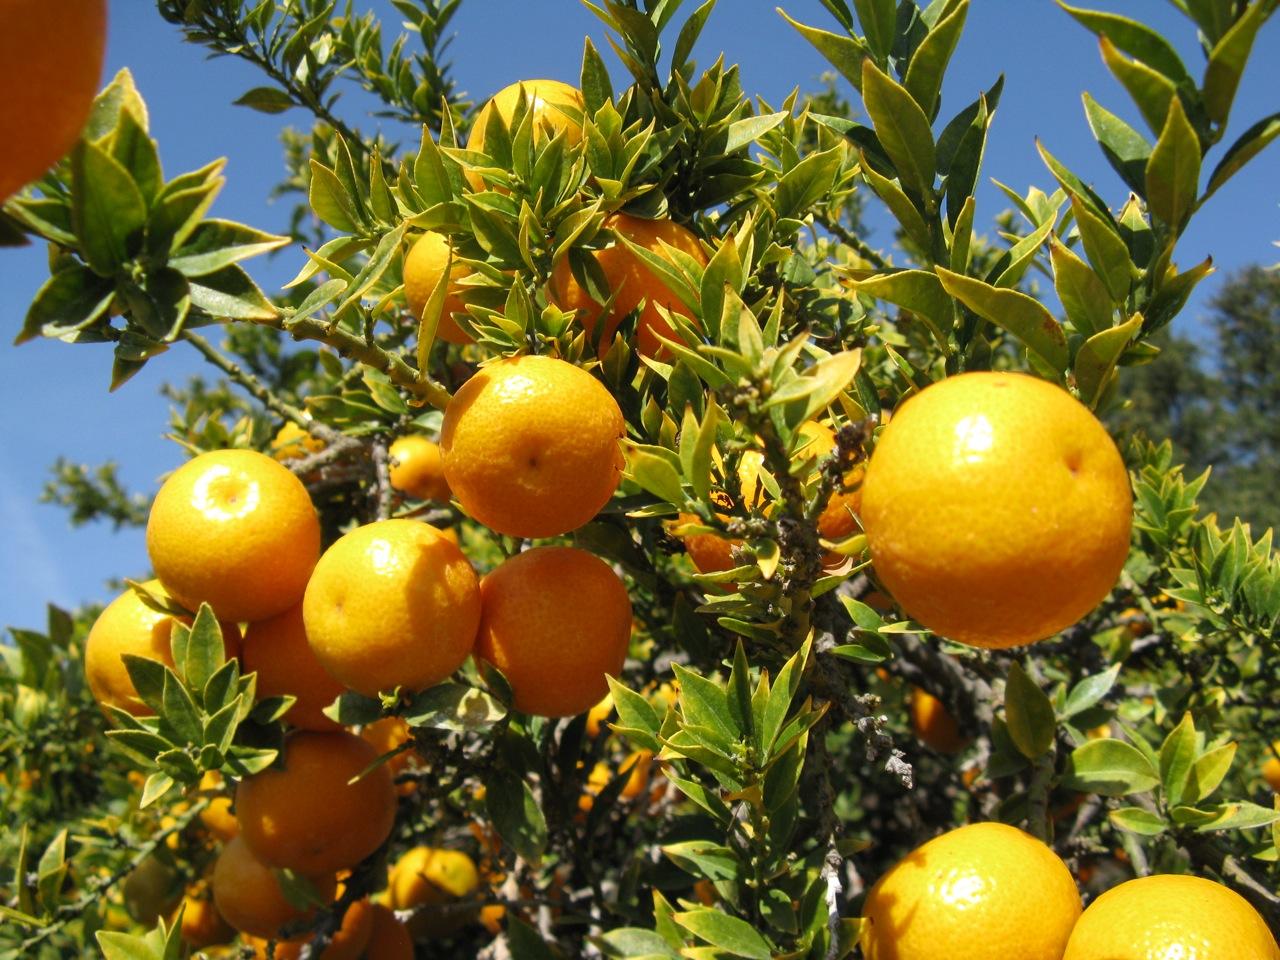 Los frutos del chinoto se parecen a las naranjas